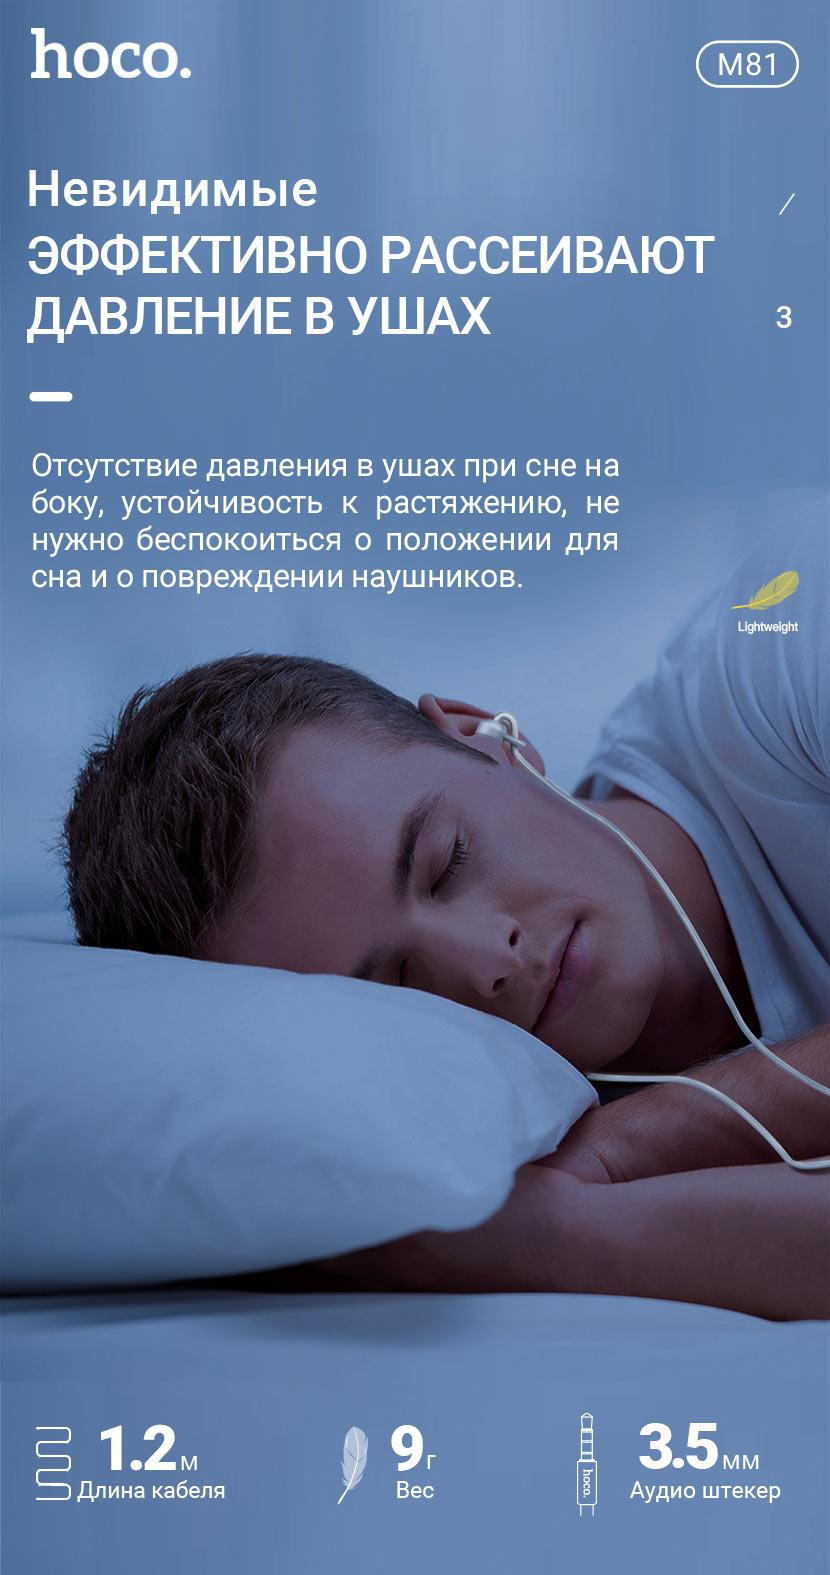 hoco news m81 imperceptible sleeping earphones with mic ear pressure ru